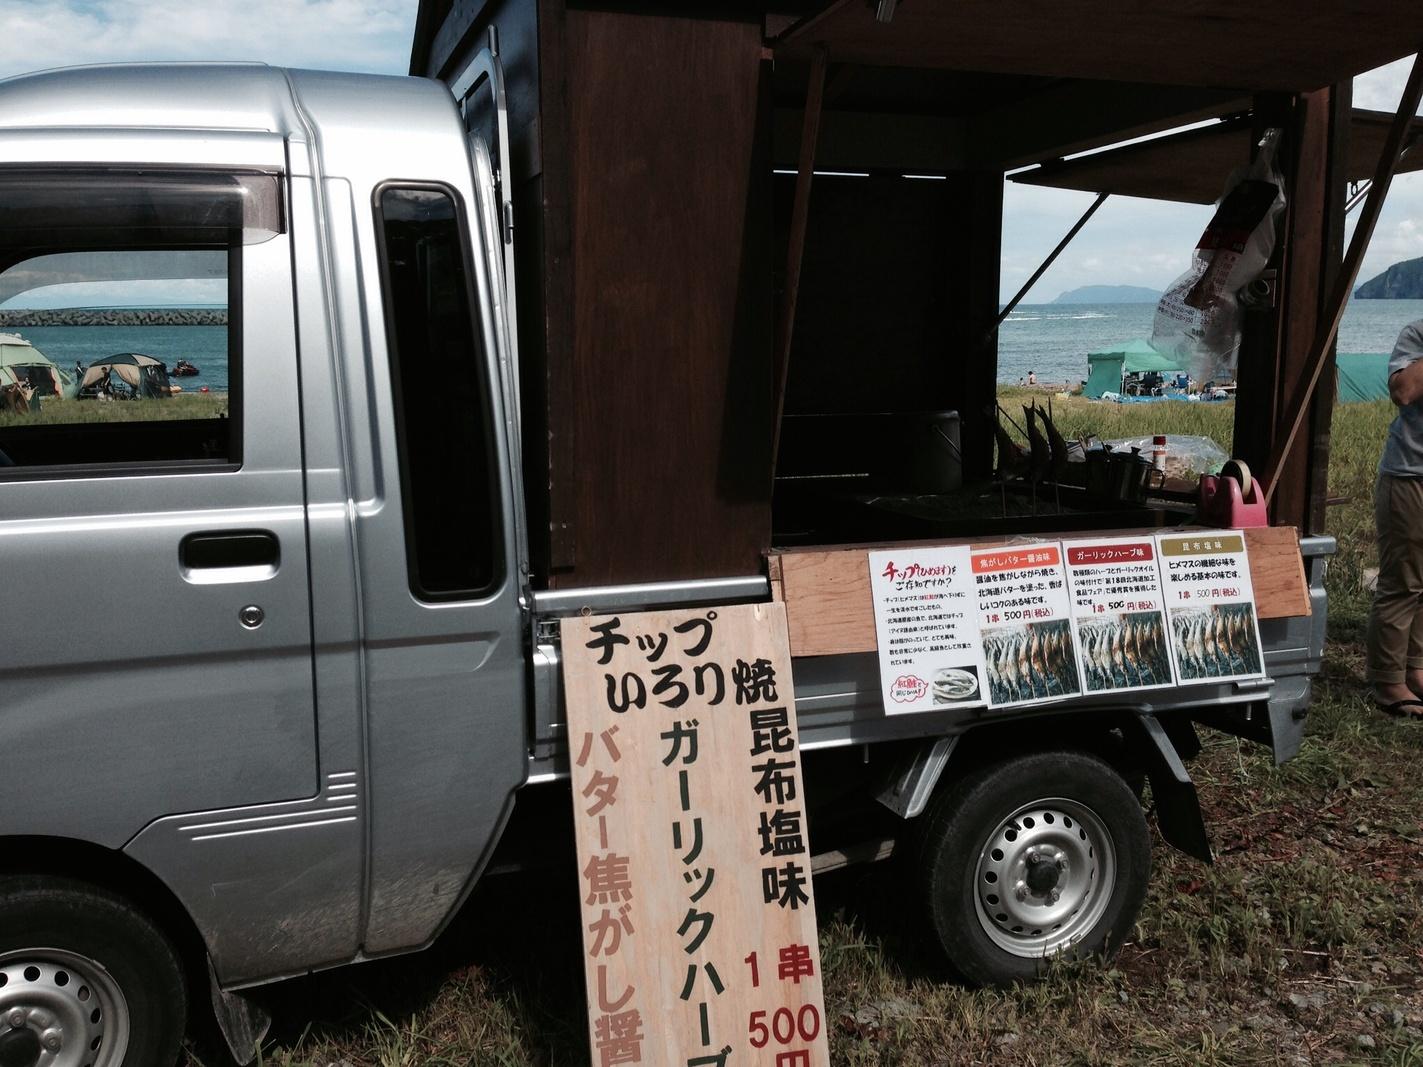 姫鱒屋 野村商店